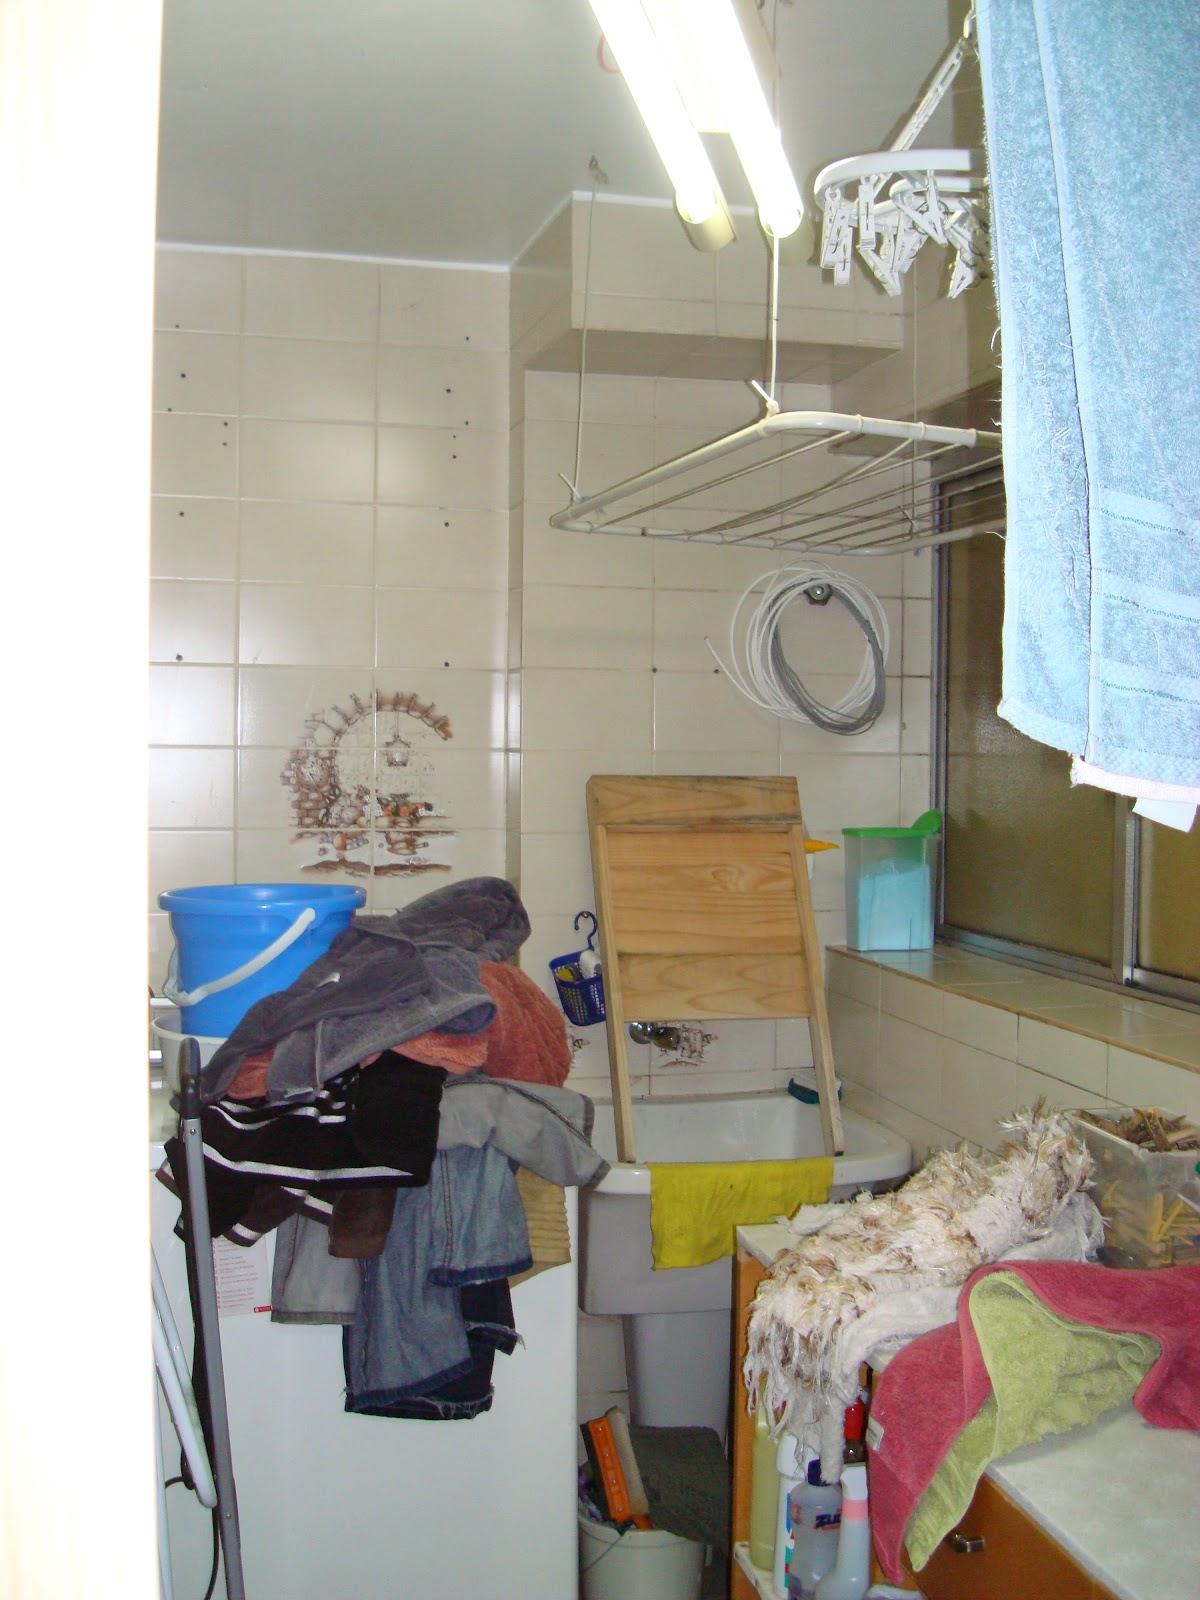 Vertuan: Reforma de Cozinha Banheiro Social e Banheiro da Suíte #764135 1200x1600 Armario Banheiro Com Tulha